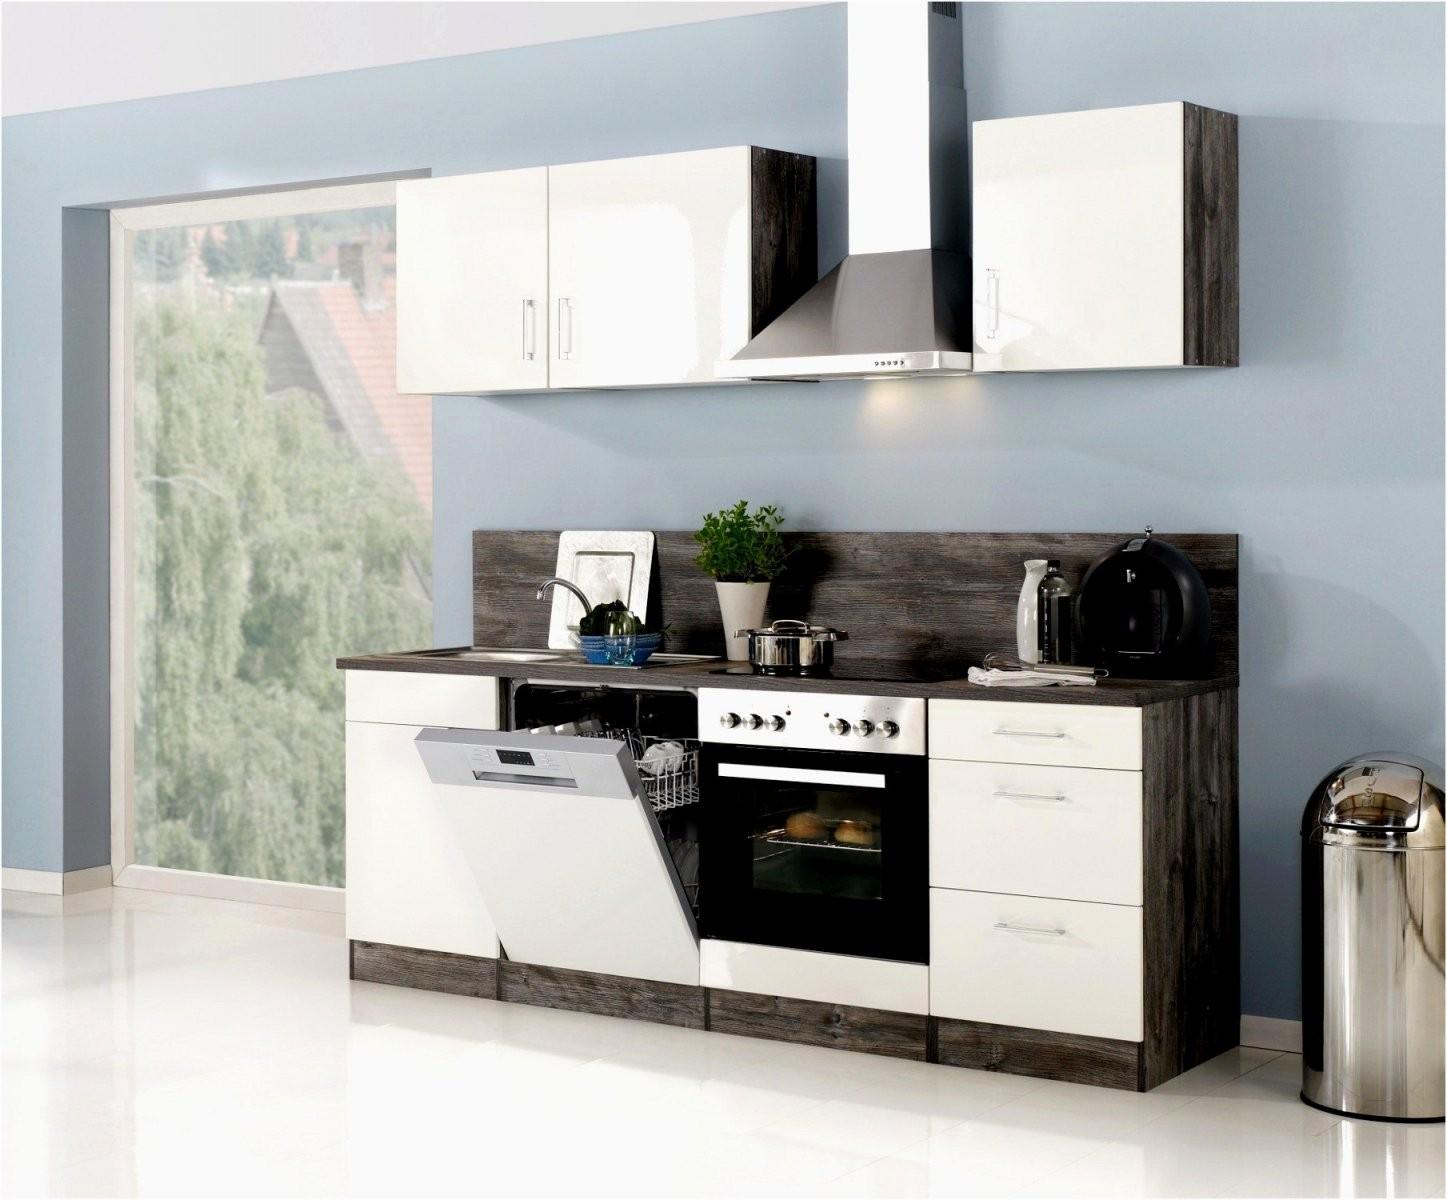 Küchen L Form Poco Neu Küche 280 Cm Luxus Küchen Insel Stilvoll Groß von Küchen L Form Poco Photo